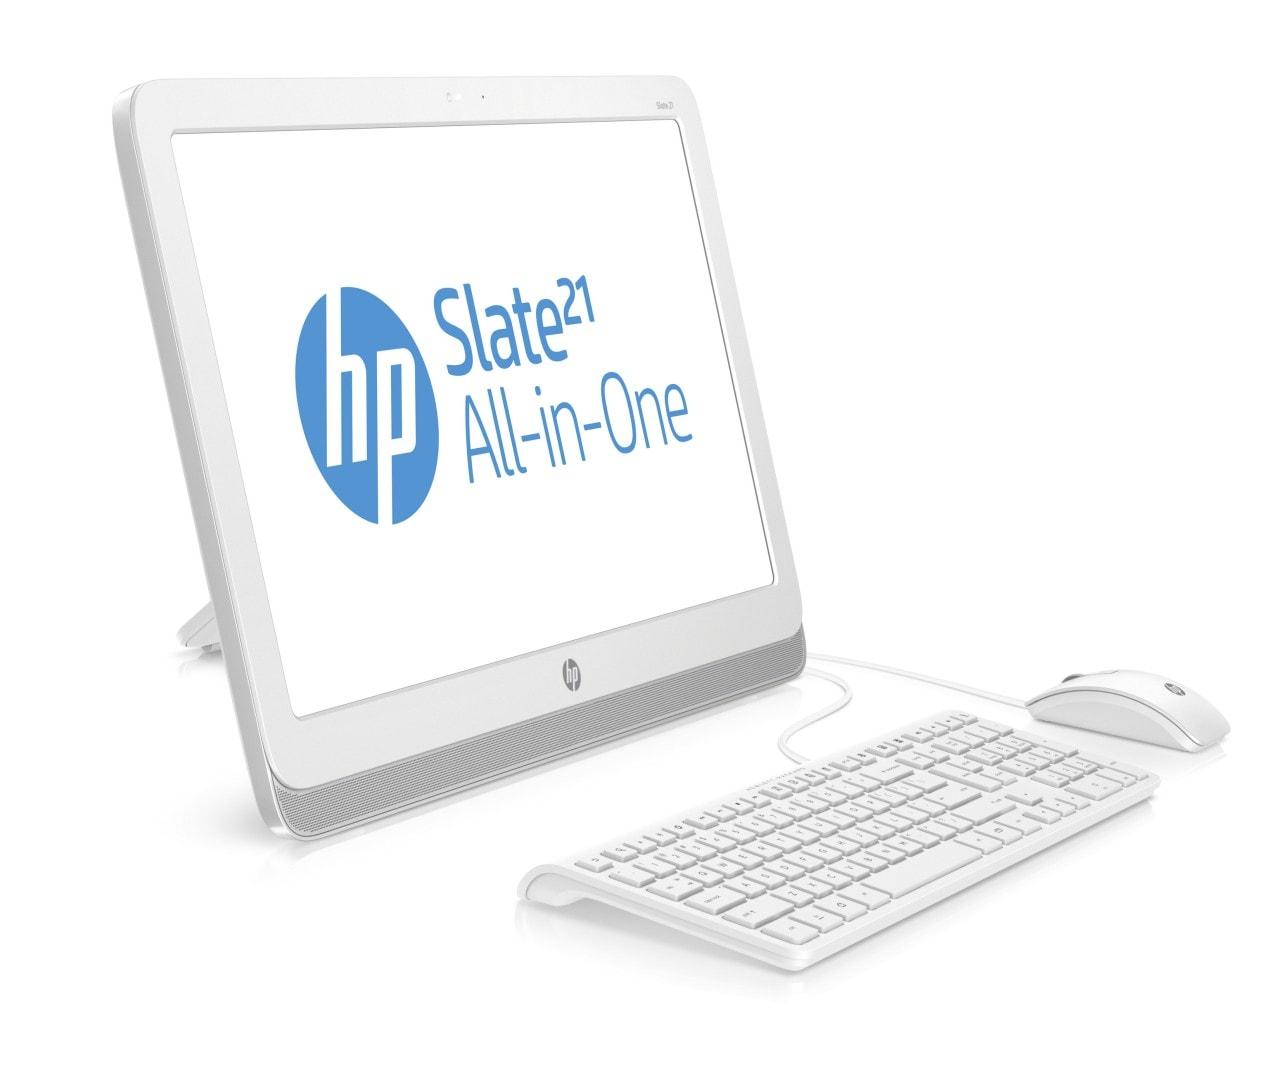 HP-Slate-all-in-one